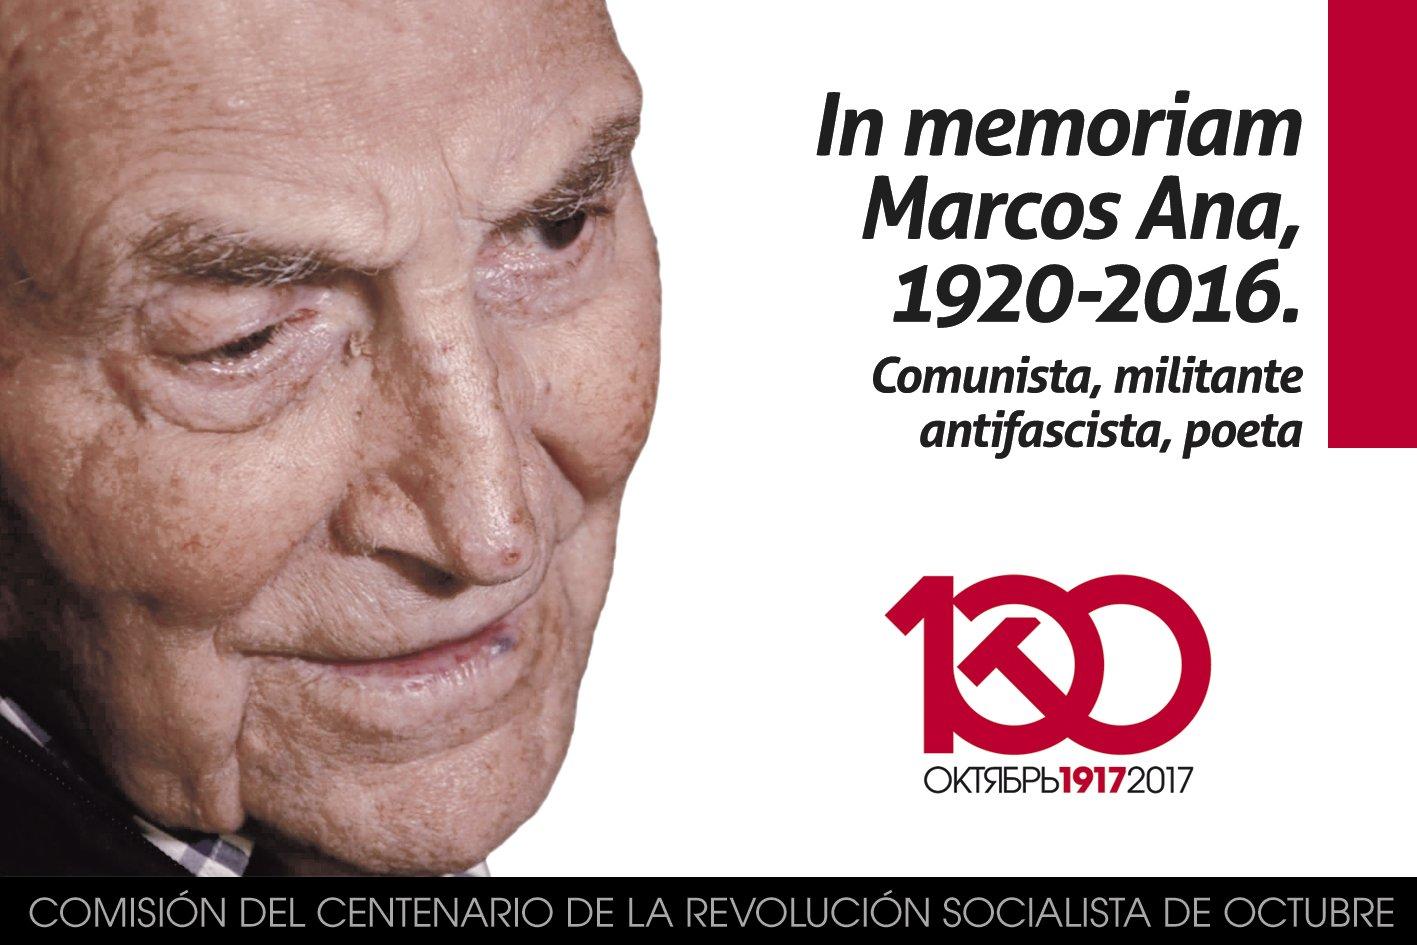 Que tu recuerdo y ejemplo permanezcan entre nosotros, camarada Marcos Ana